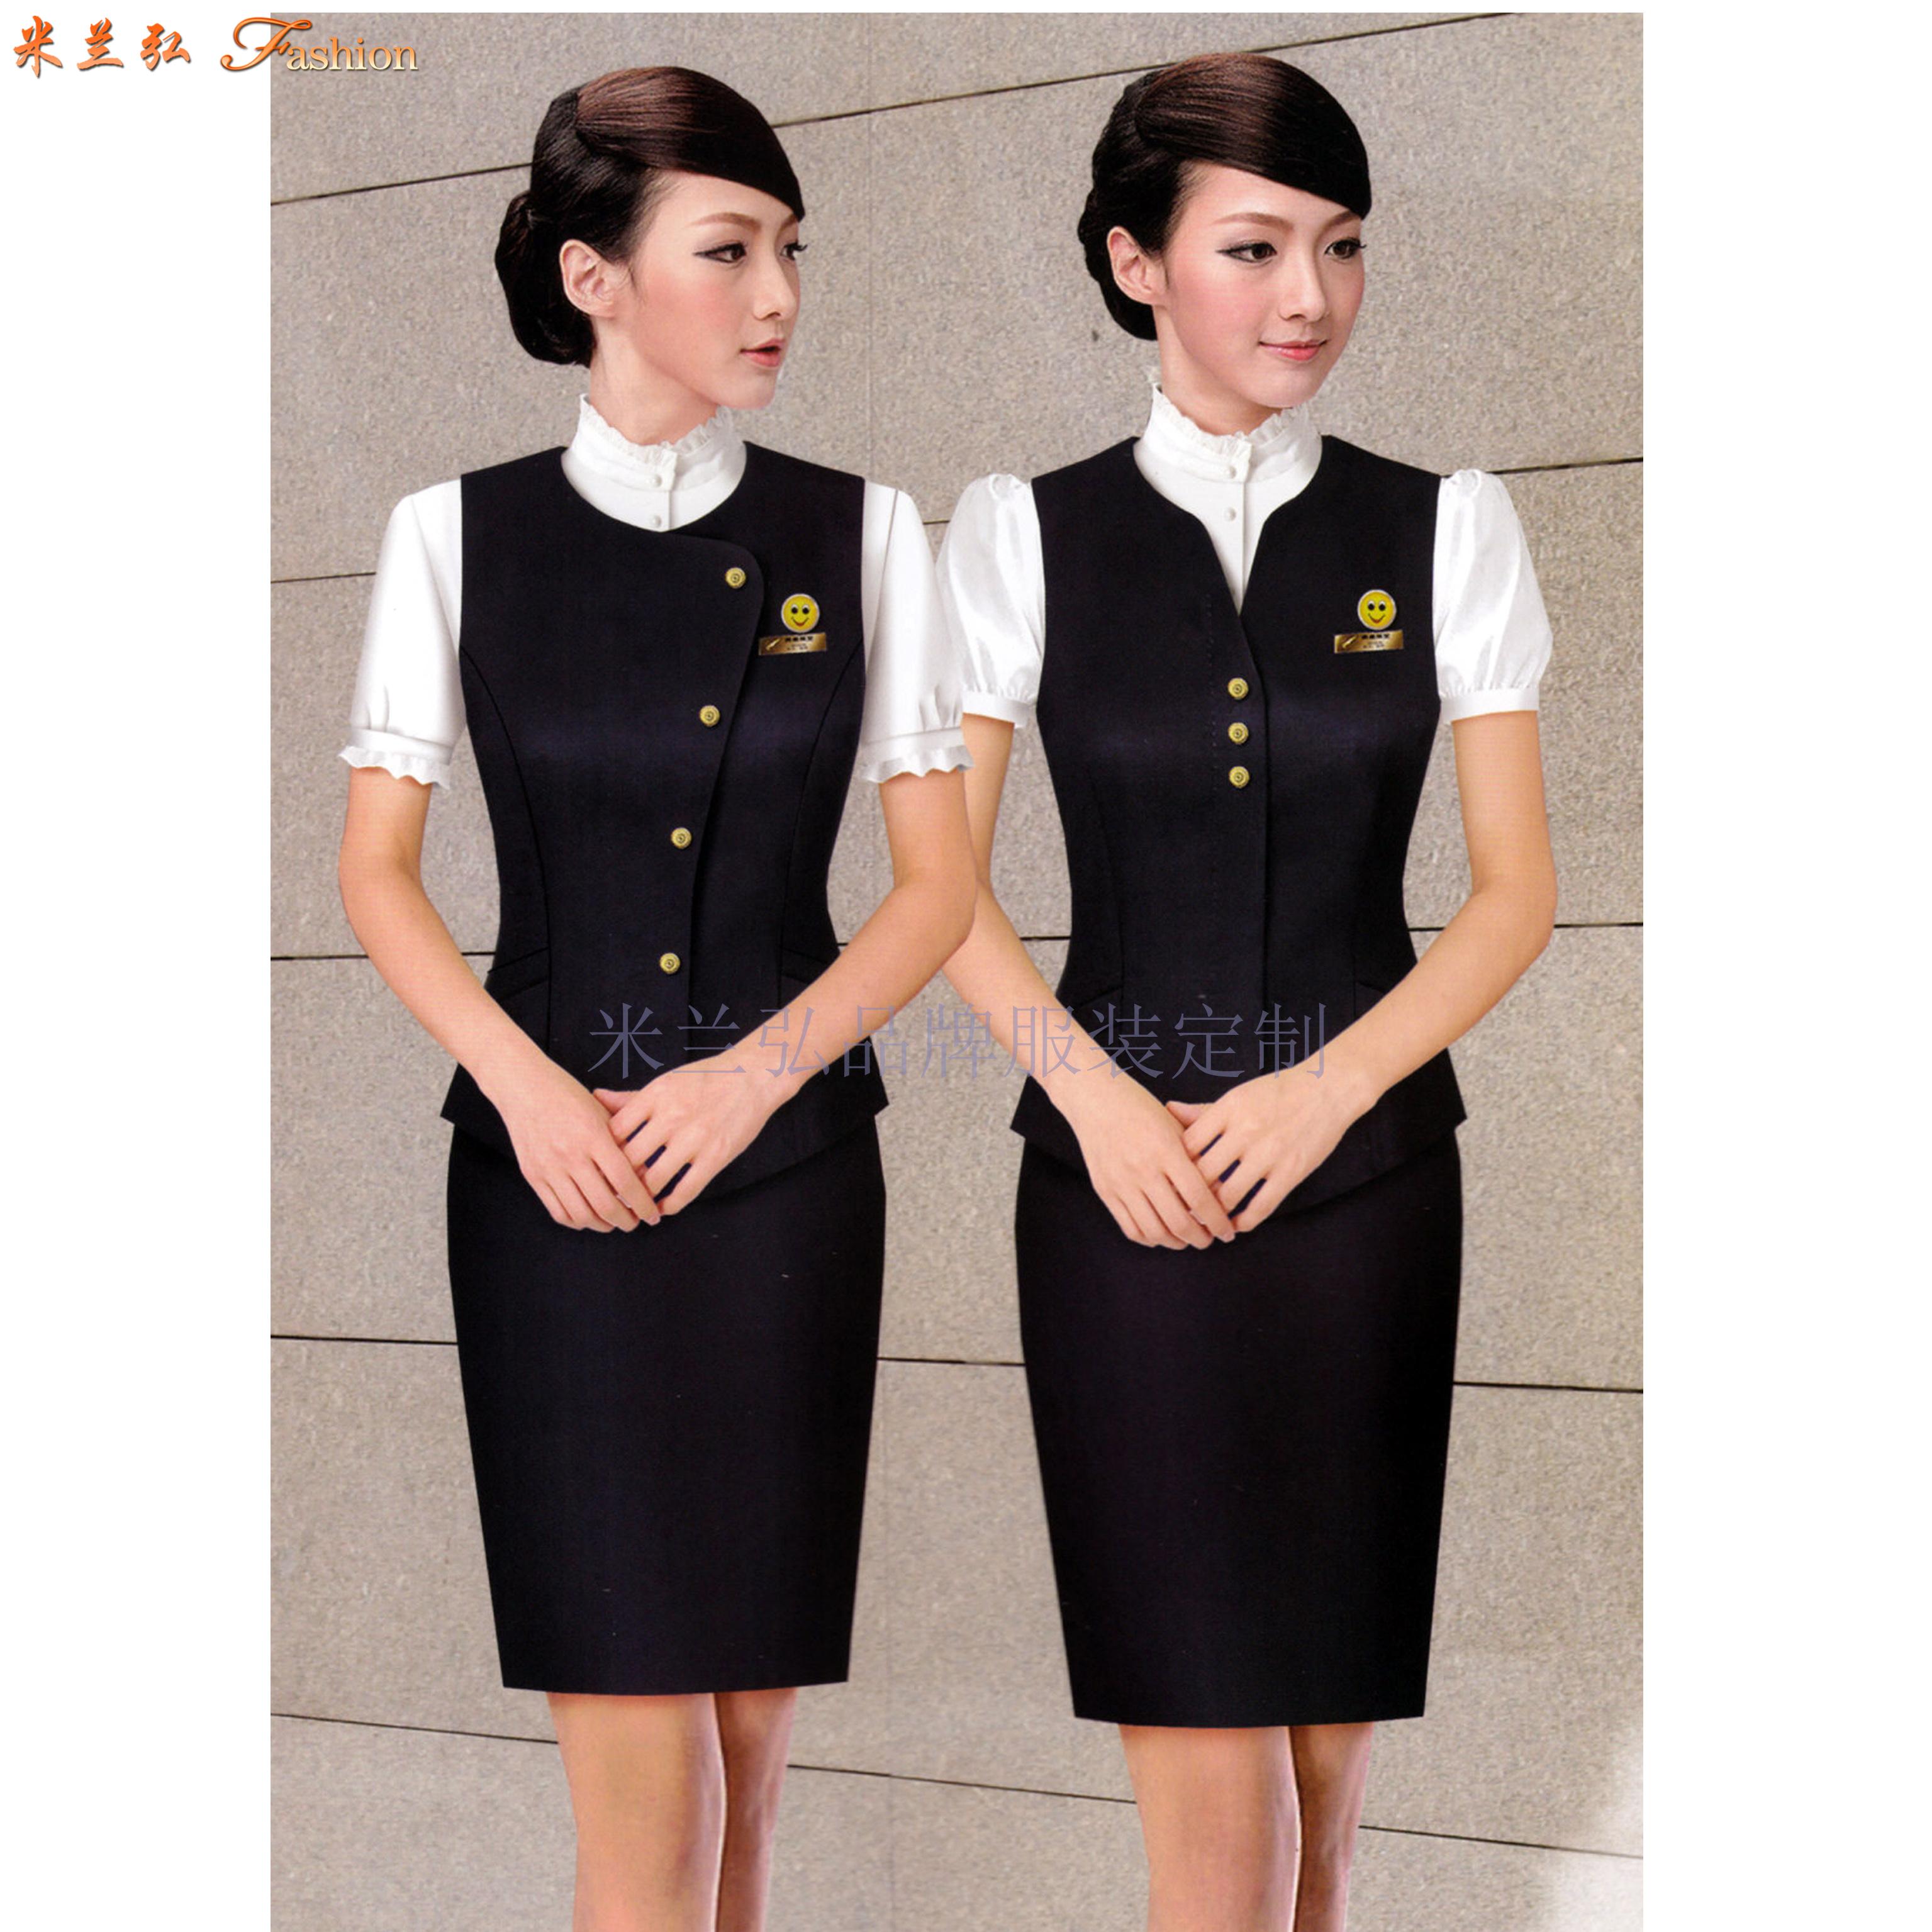 「廊坊空姐服定做」「广阳空姐服定制」「安次空姐服订制」-2